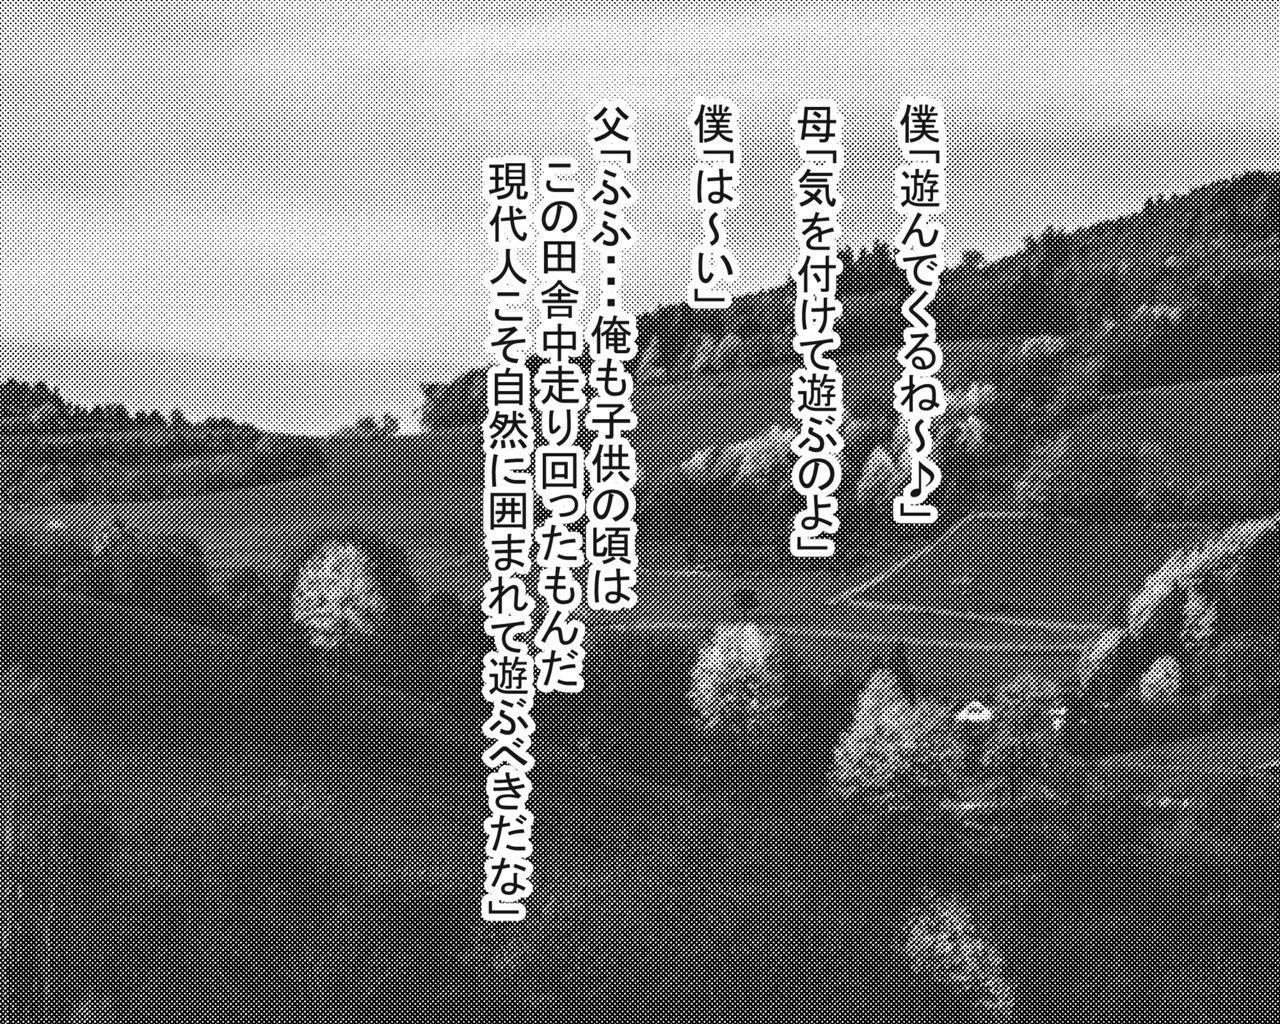 Hasshaku-sama to Boku no Paizuri Memories 4